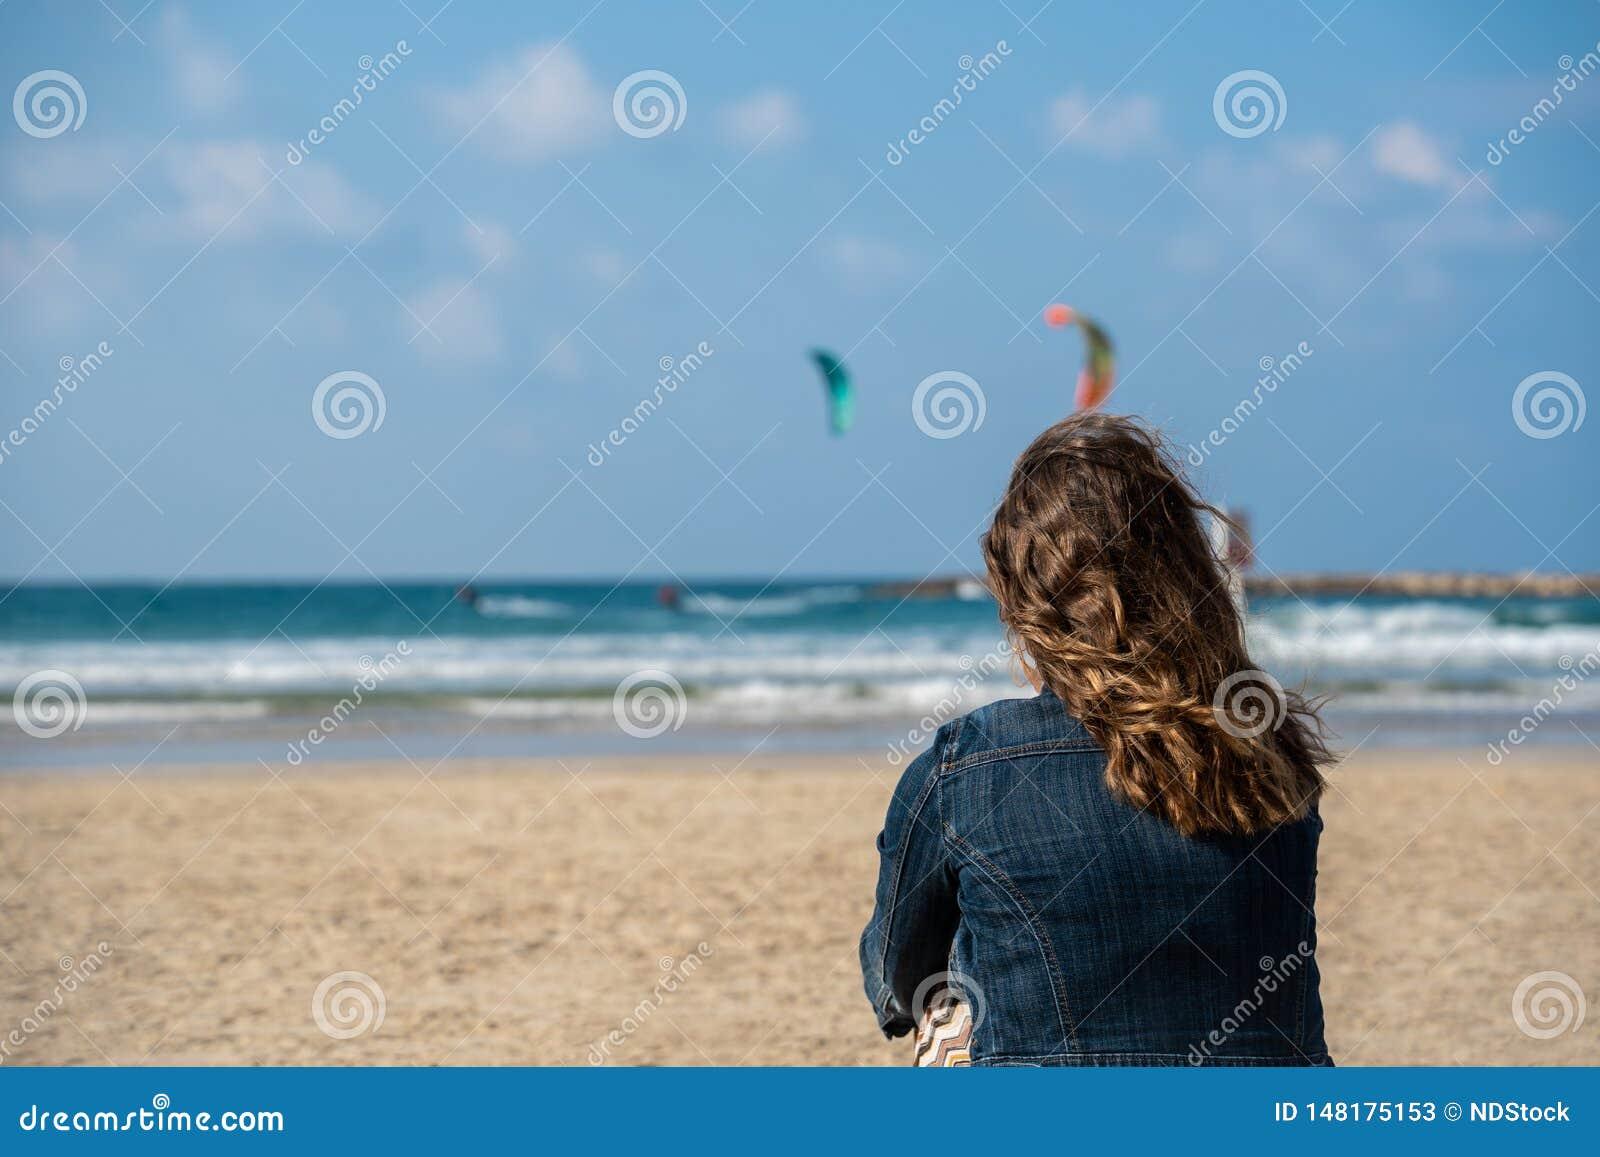 Imagem de uma mulher na praia que olha dois kitesurfers no mar